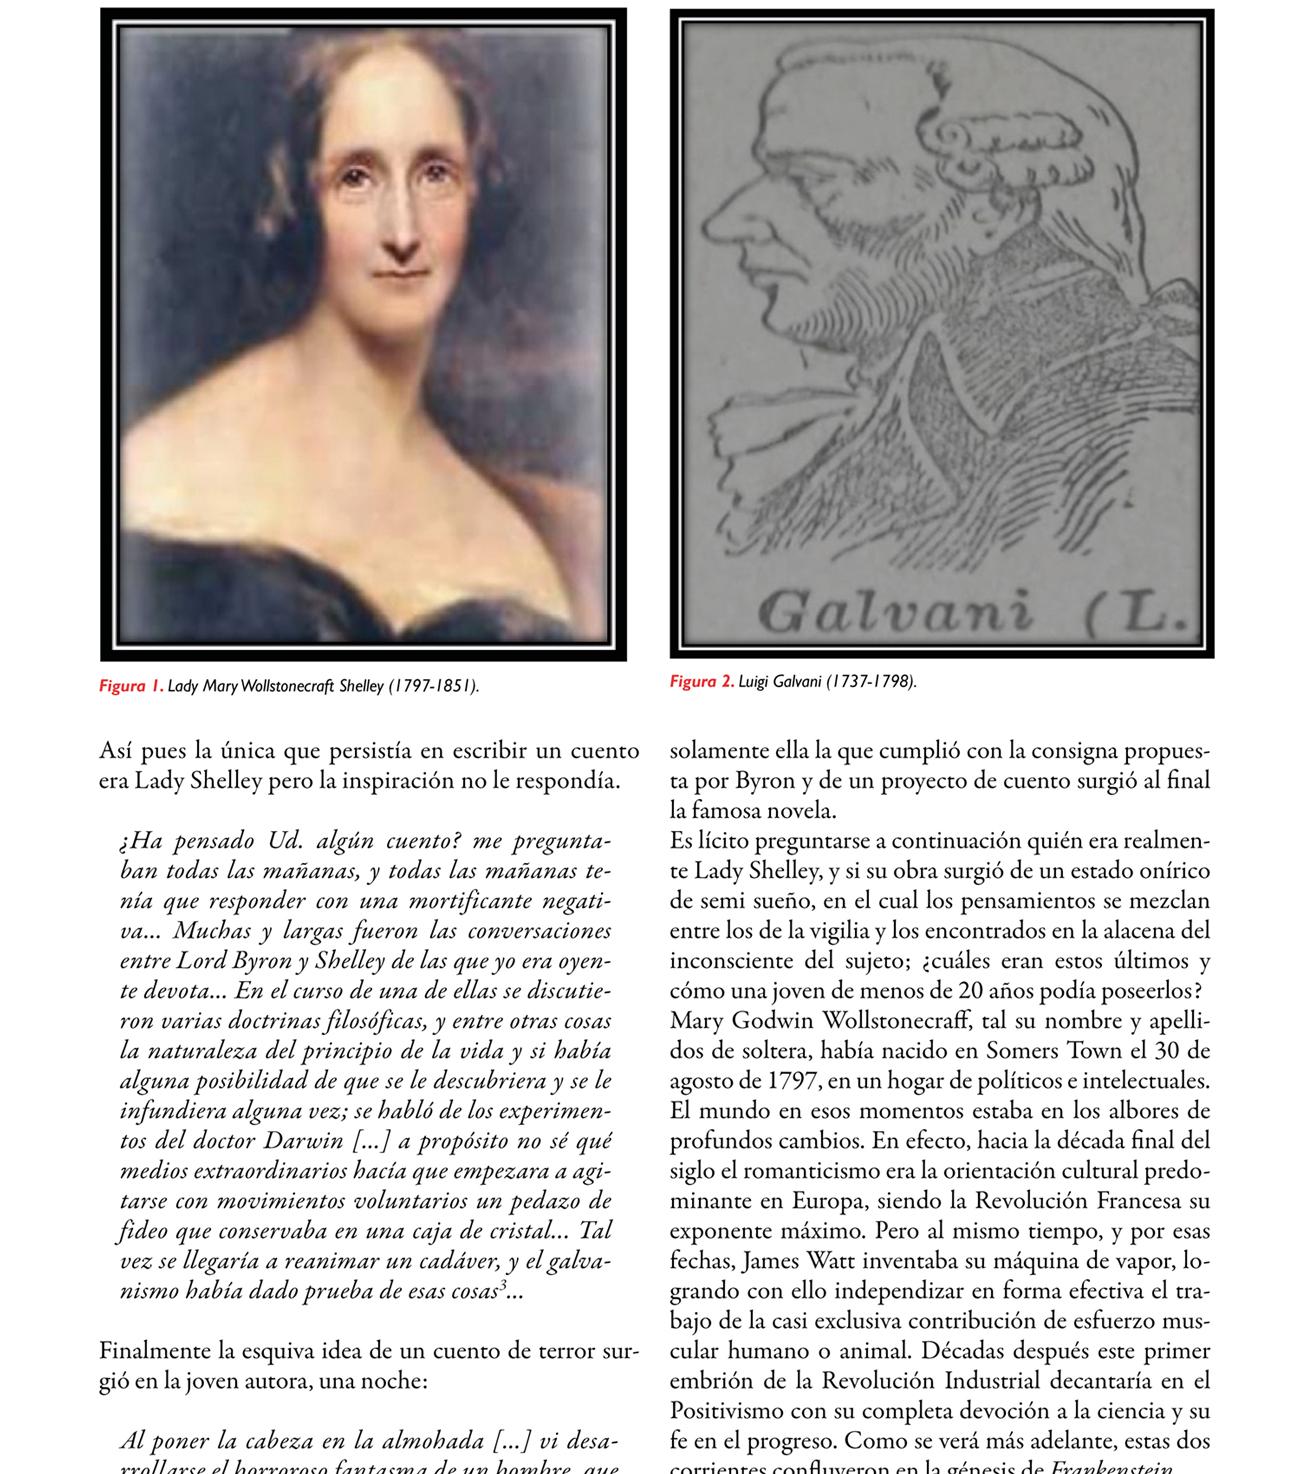 Reflexiones en torno al bicentenario de la publicación de Frankenstein o el moderno Prometeo